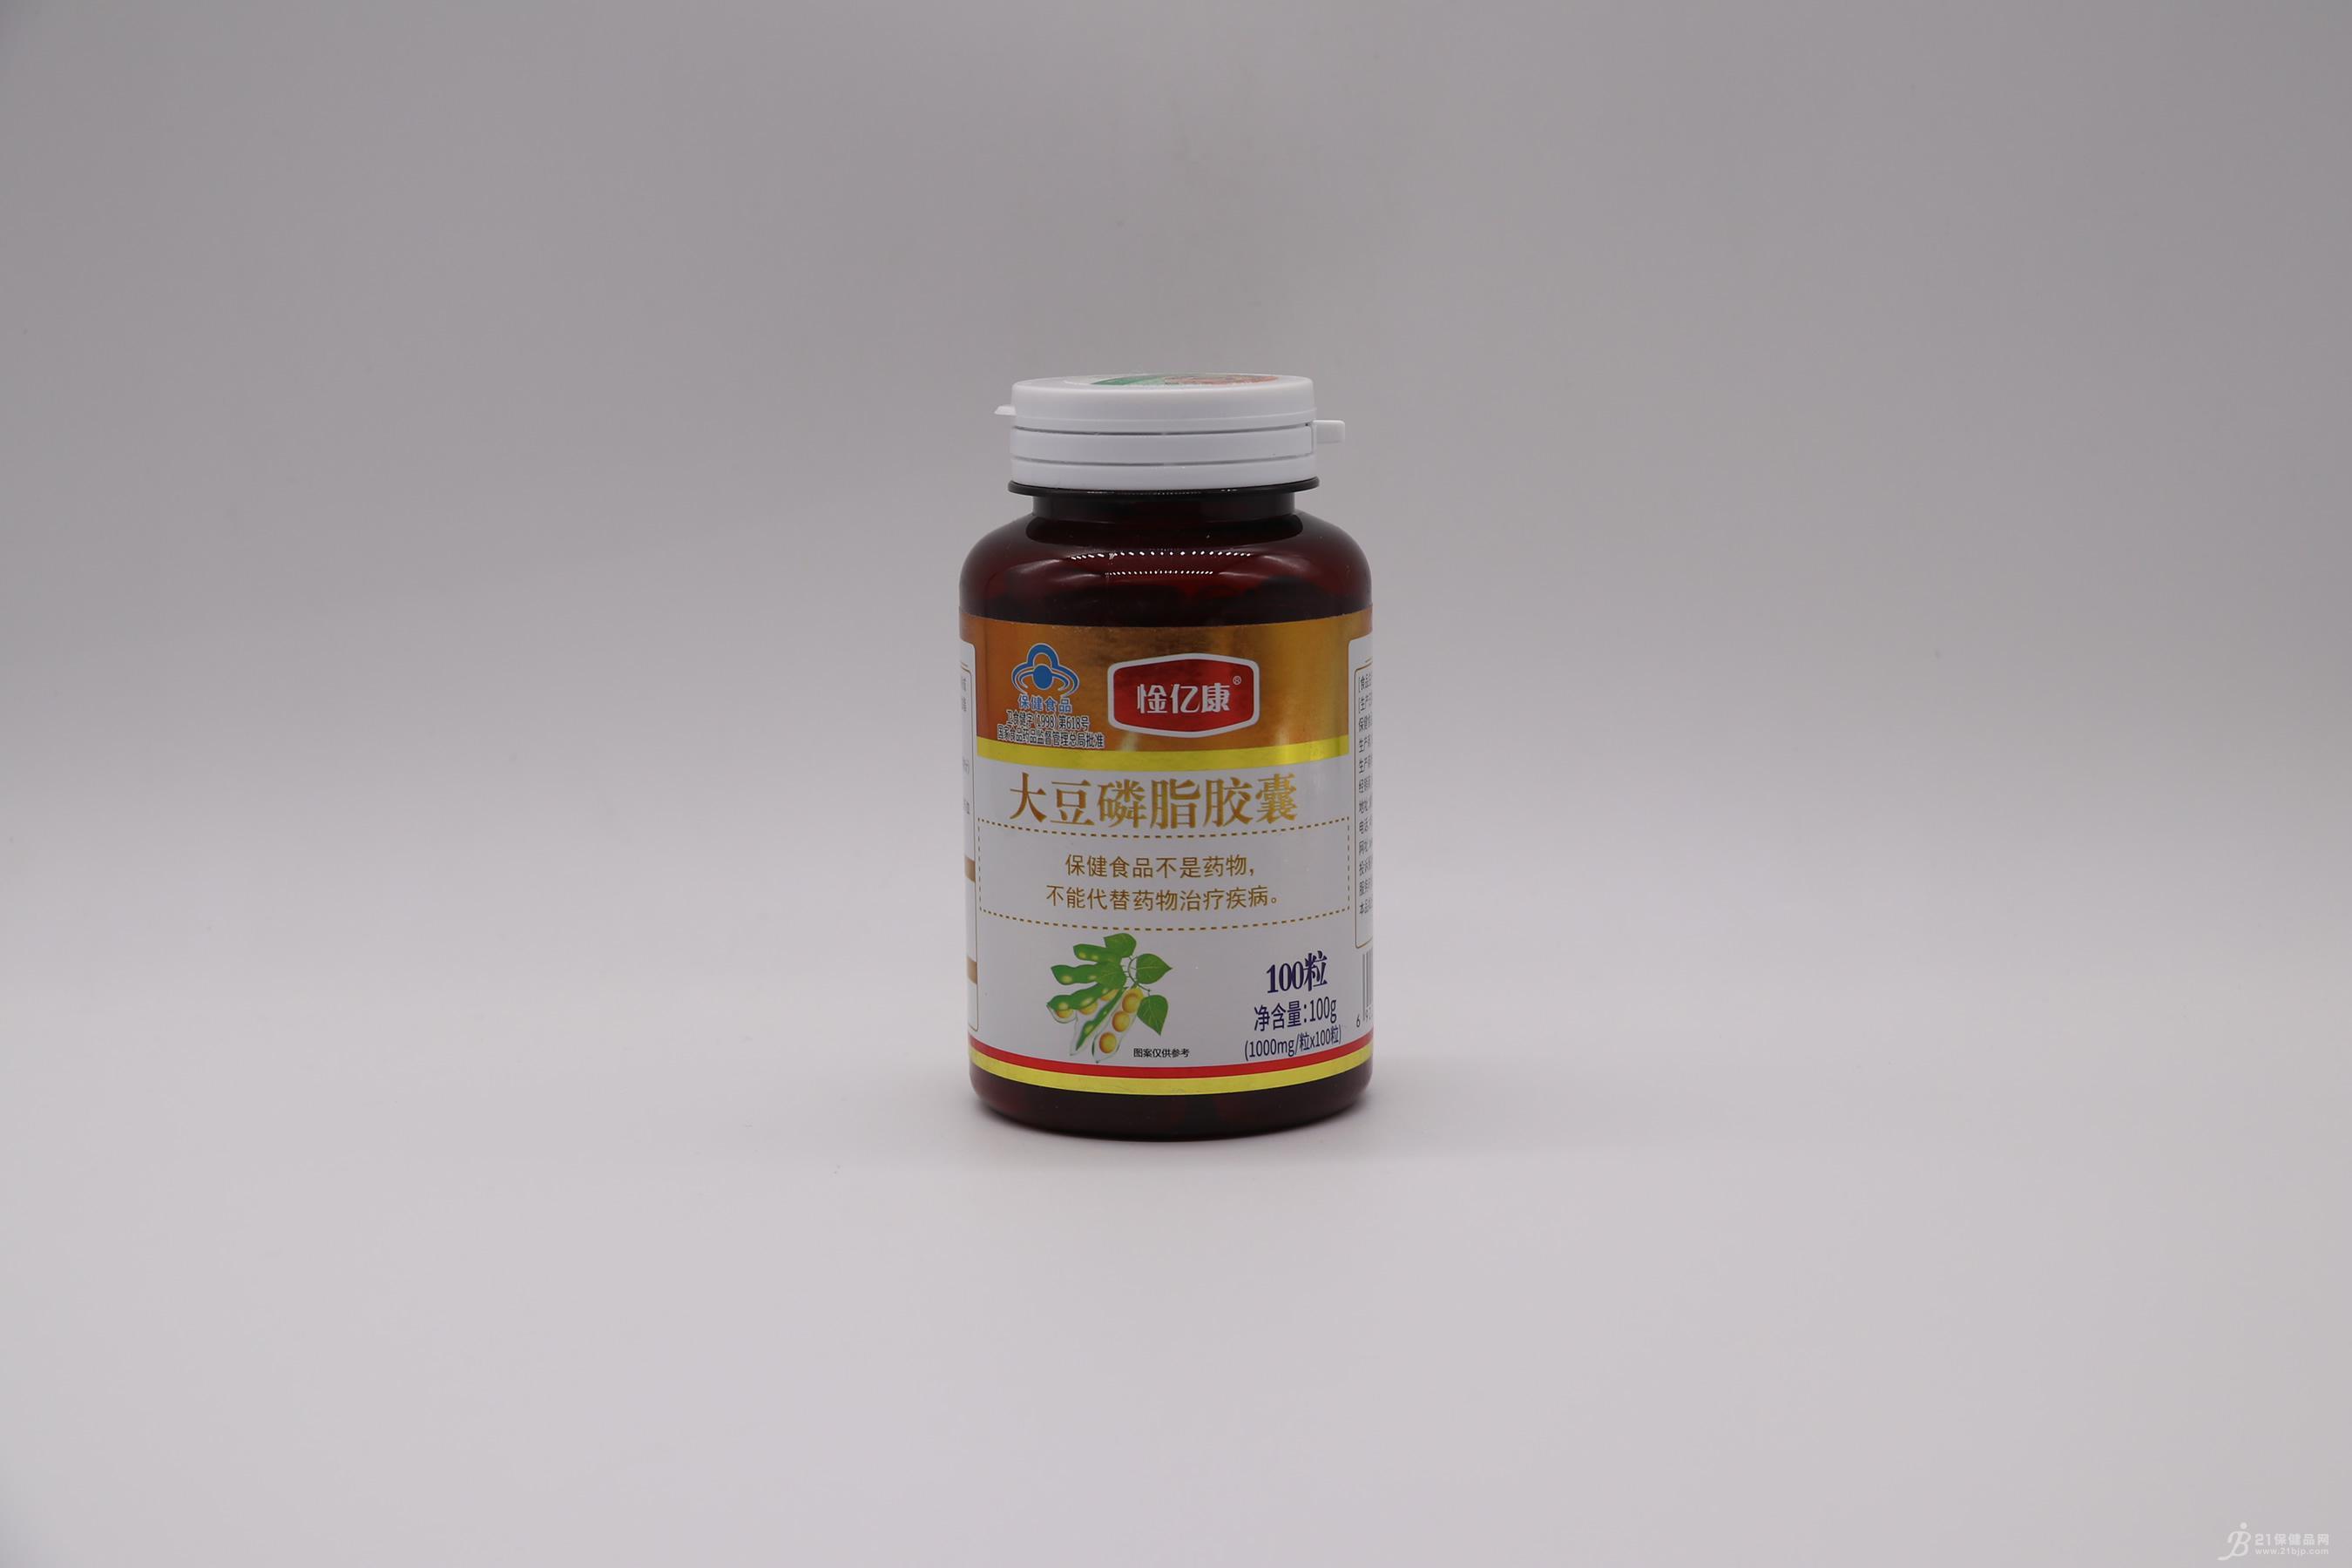 大豆磷脂胶囊1000mg*100粒/瓶招商